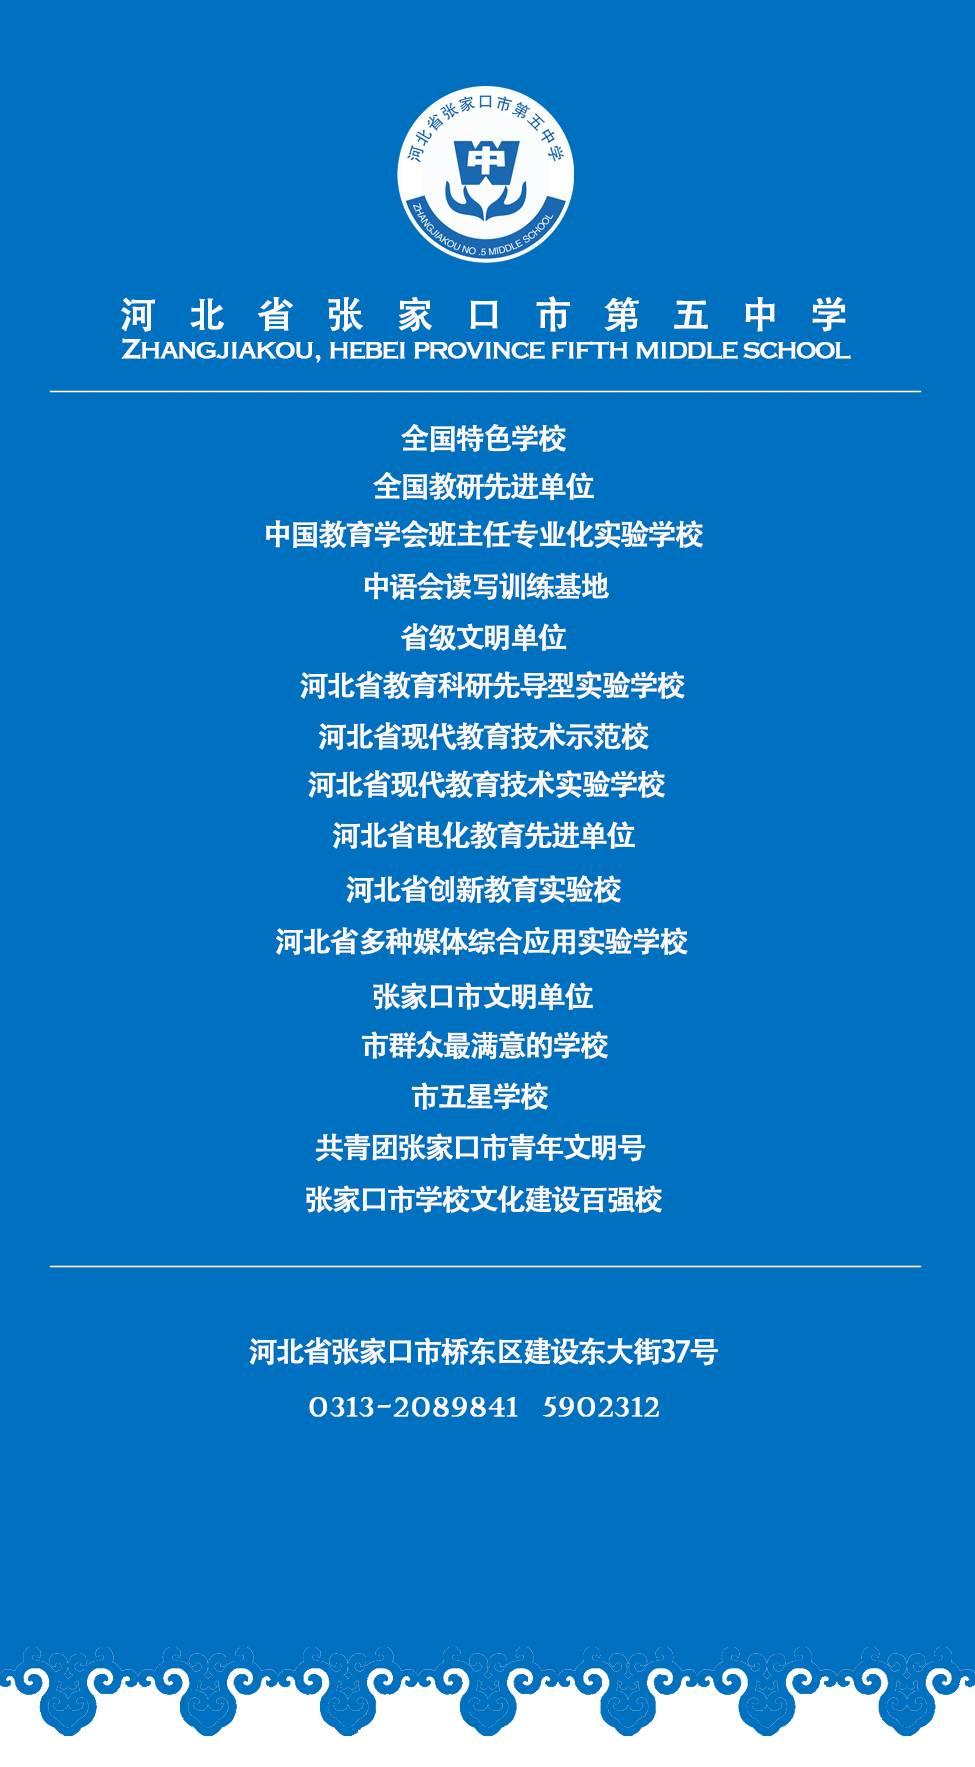 文明校园六个好及中国梦的内容.